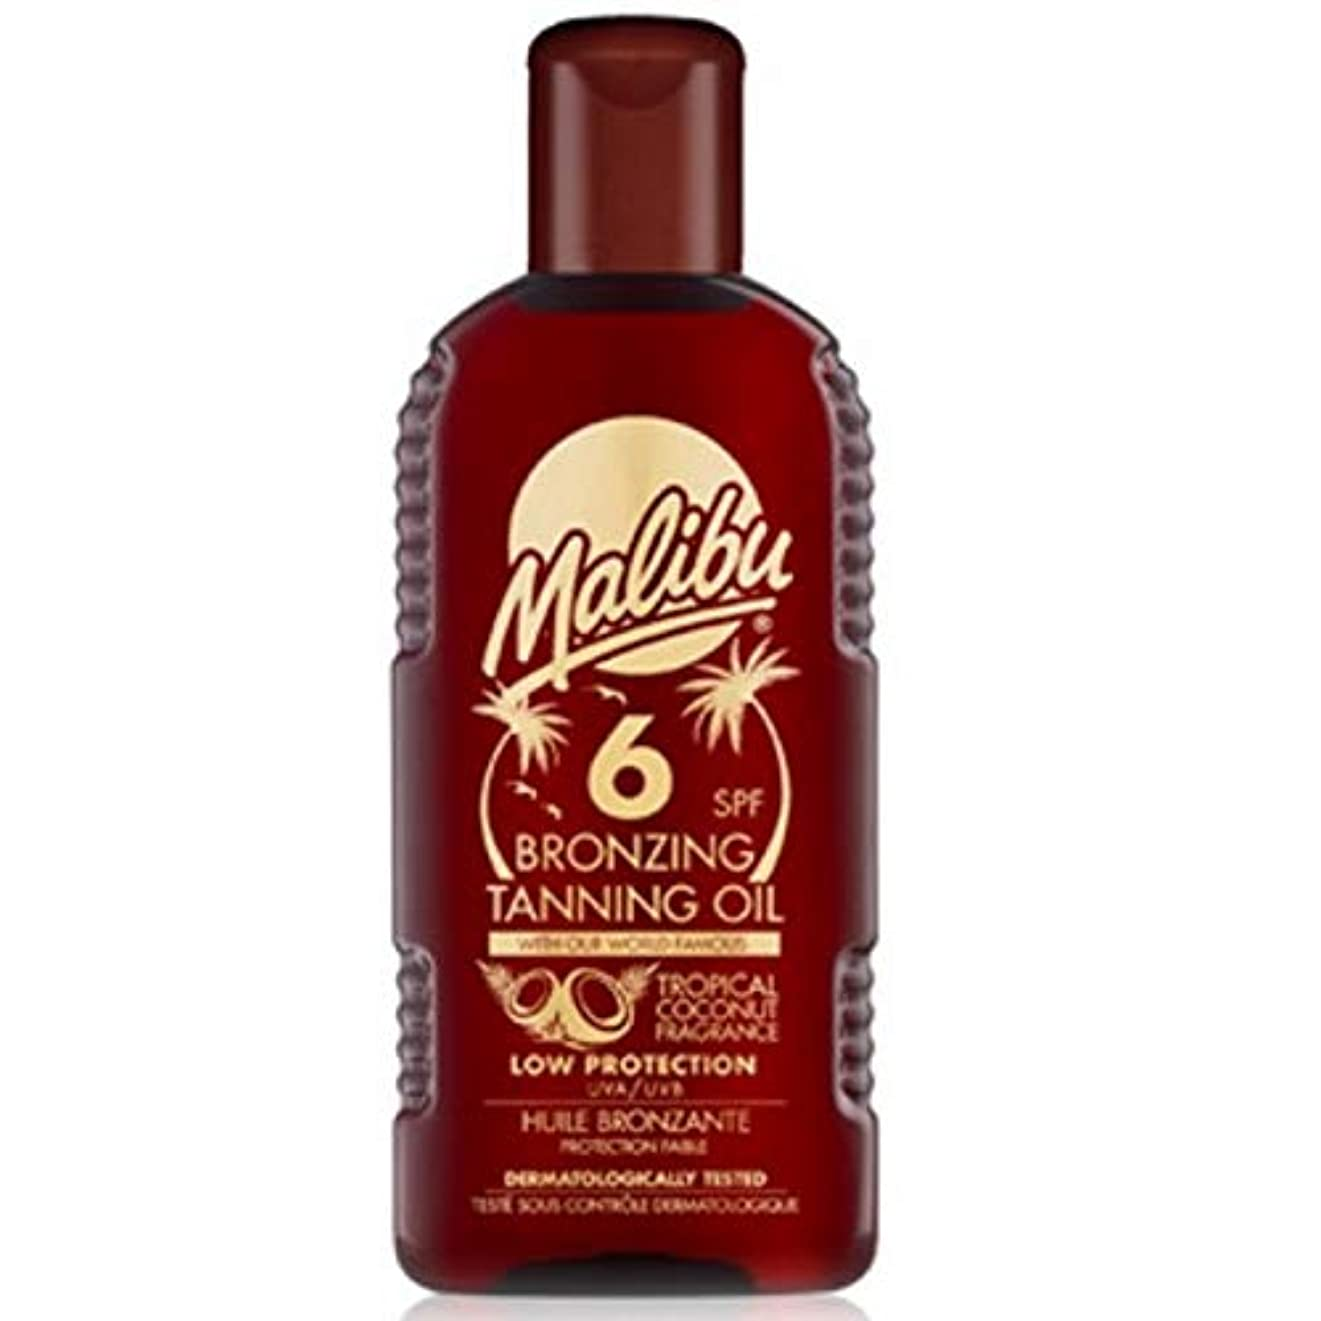 フォーマット便利脅威[Malibu ] マリブブロンズ日焼けオイルSp6 - Malibu Bronzing Tanning Oil Sp6 [並行輸入品]